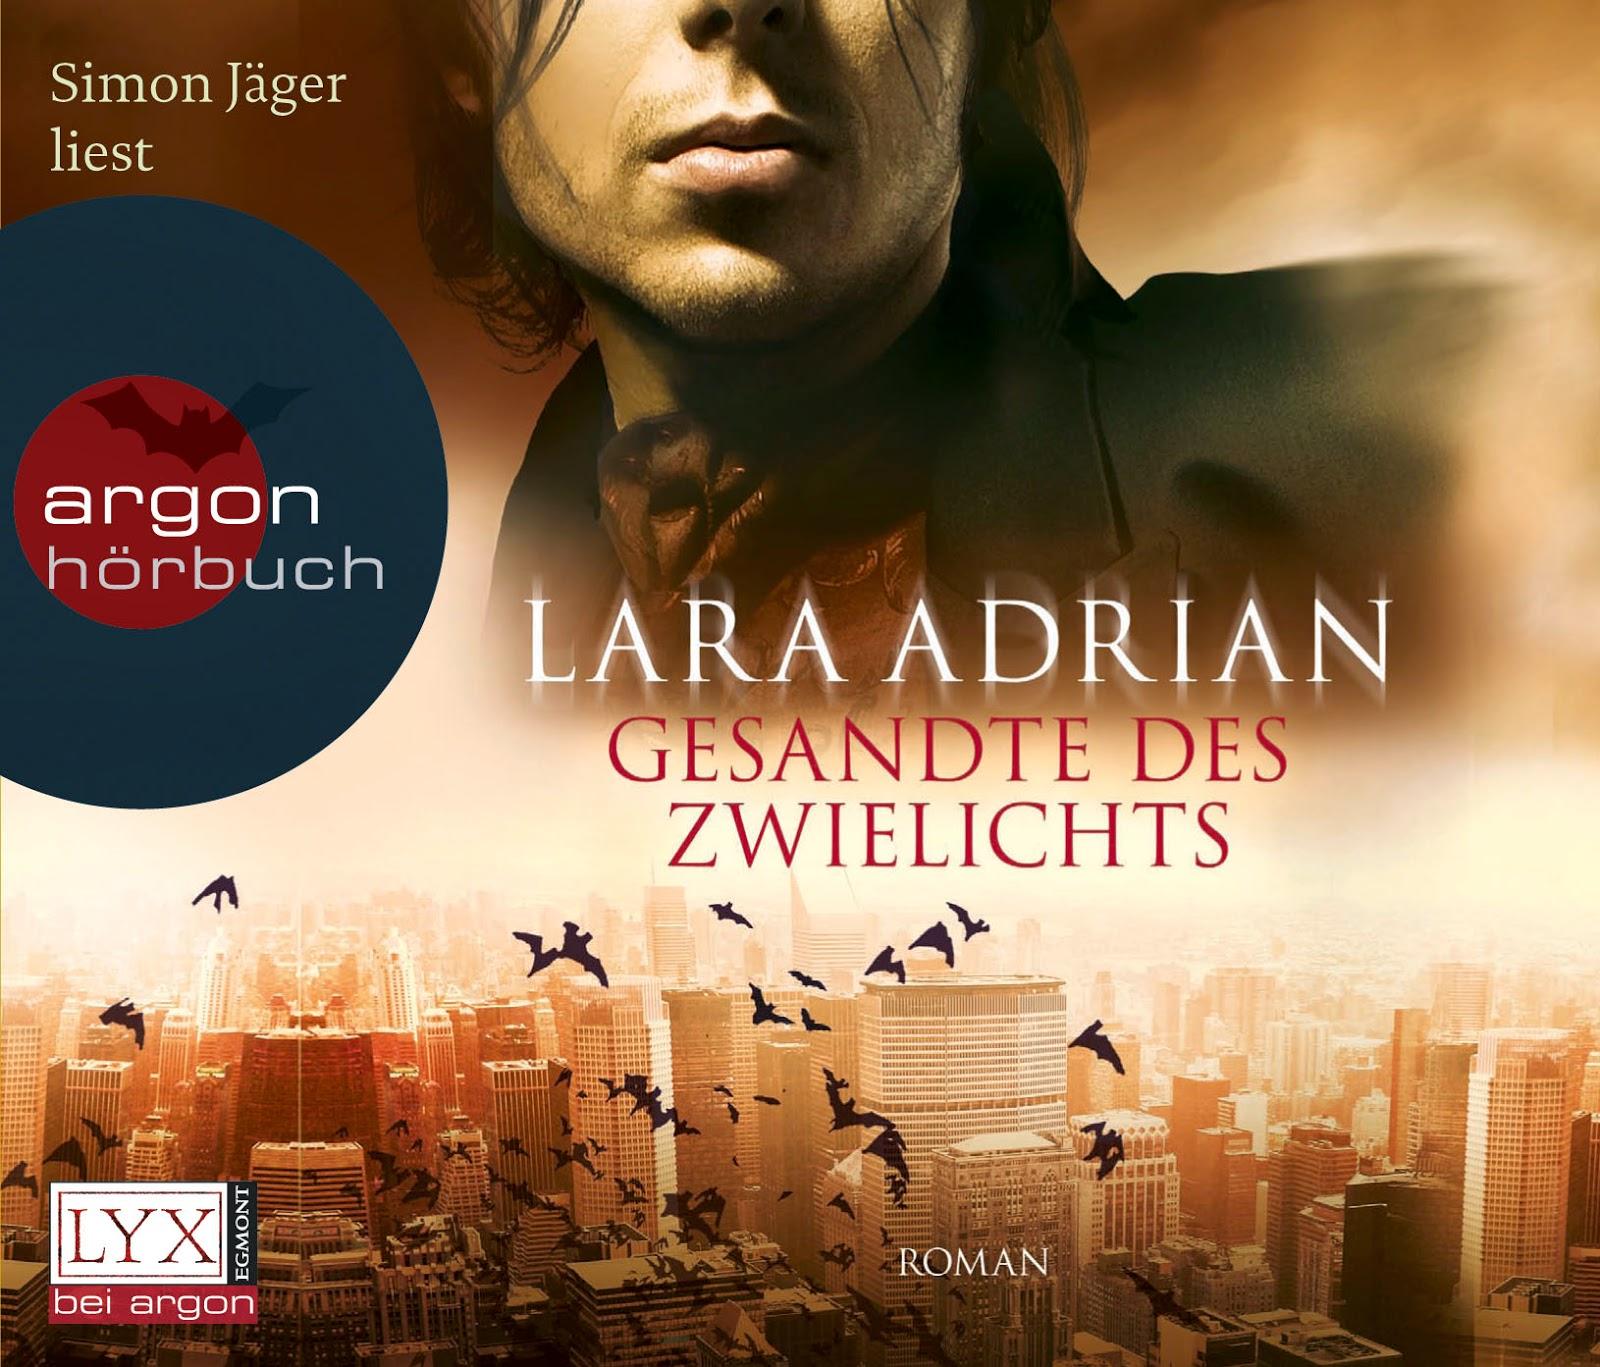 http://www.amazon.de/Gesandte-Zwielichts-Lara-Adrian/dp/3839810094/ref=sr_1_2?ie=UTF8&s=books&qid=1279209128&sr=8-2